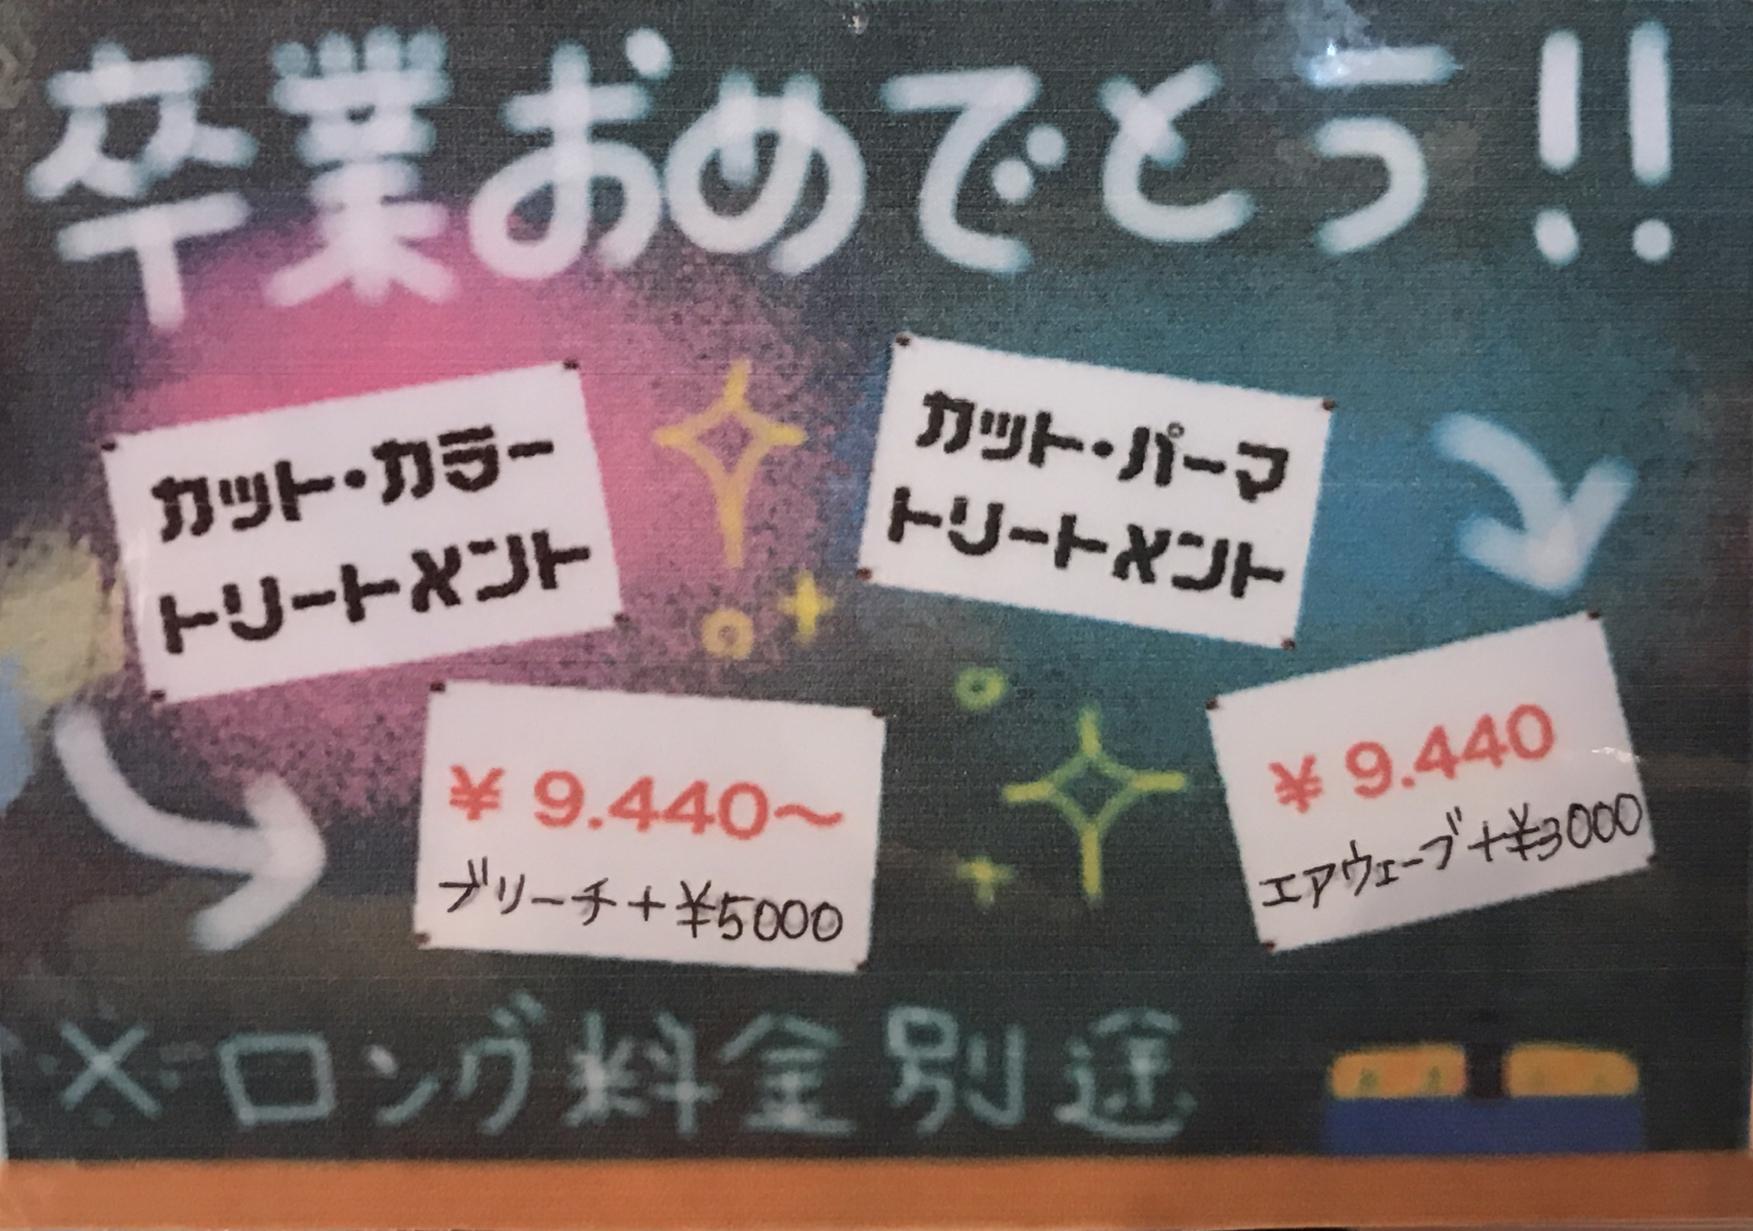 卒業おめでとうキャンペーン\(^o^)/